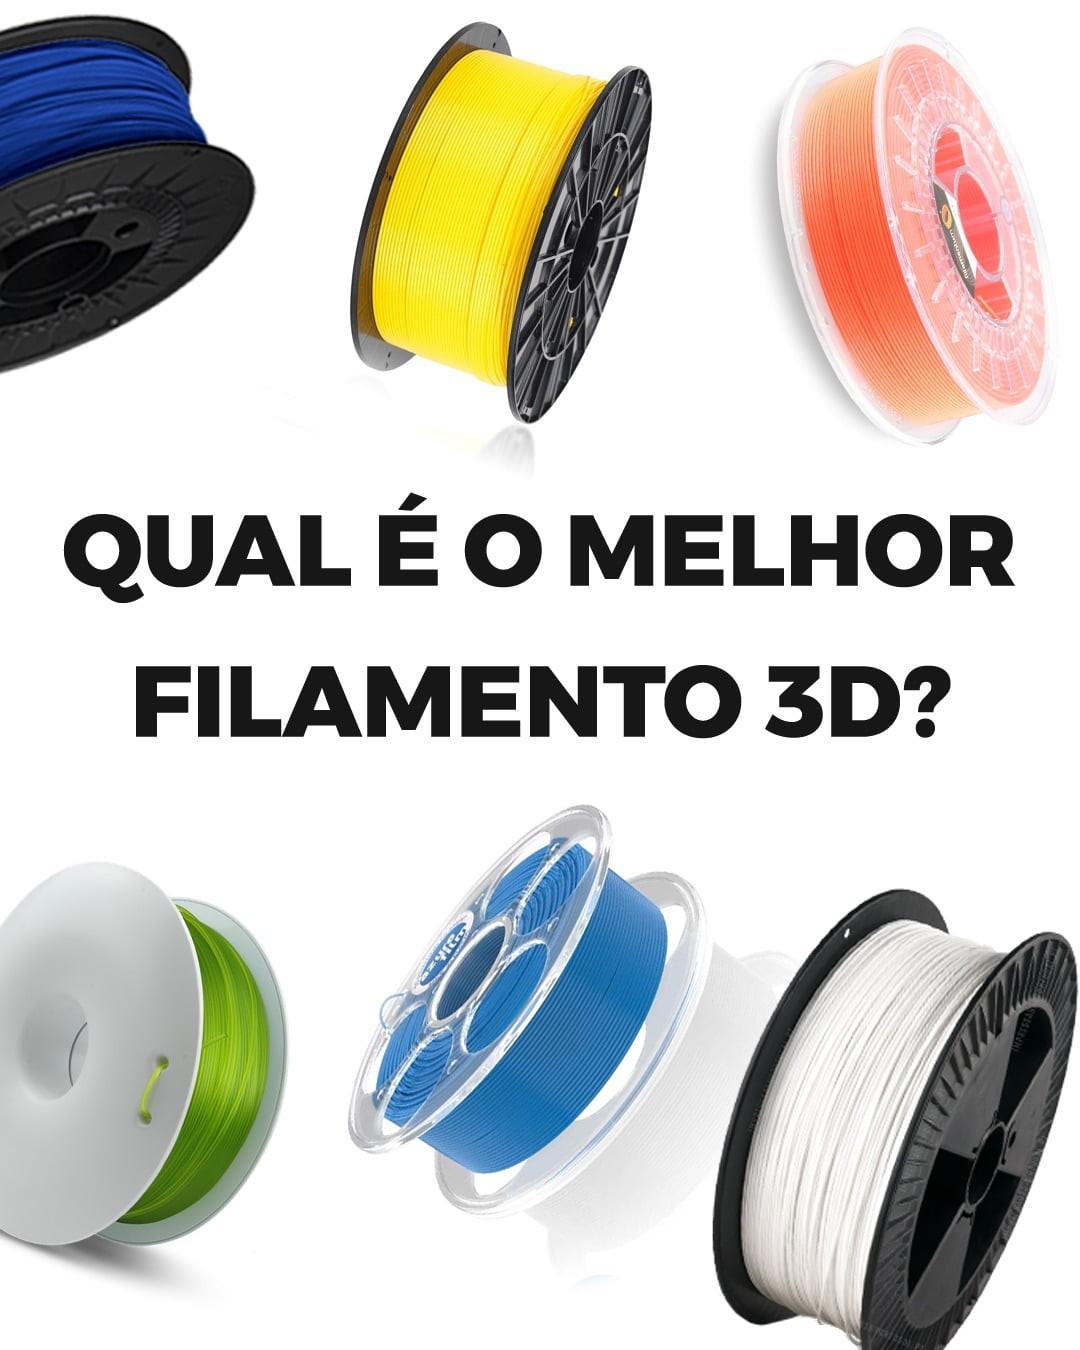 Qual é o melhor filamento 3D?